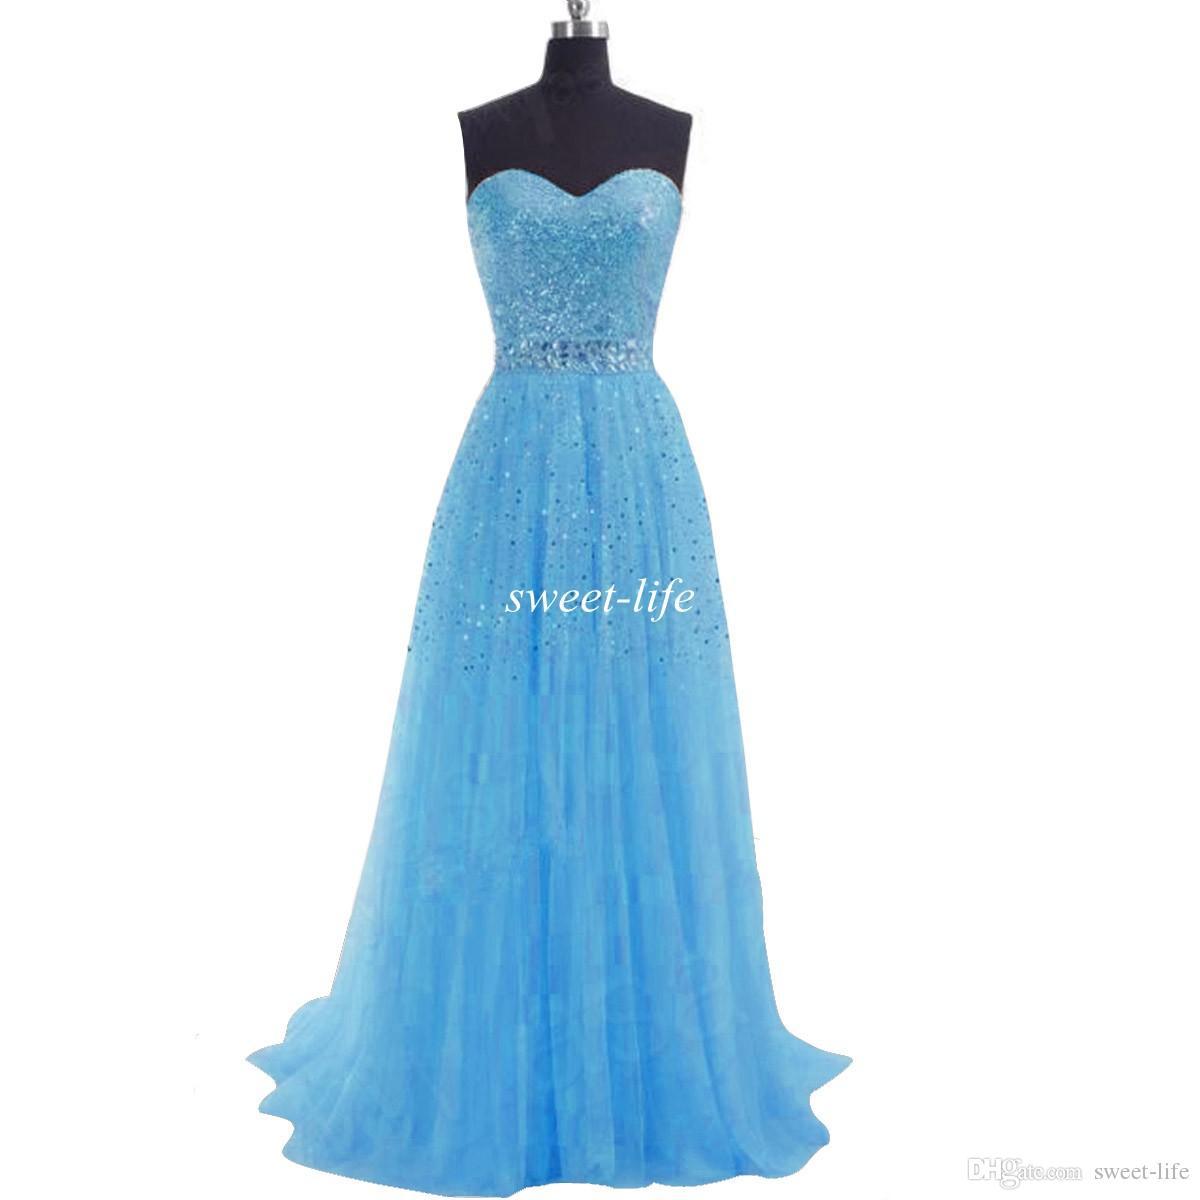 AUF LAGER 2019 Günstige Lange Abendkleider Pailletten Eine Linie Schatz Tüll Lace Up Lila Blau Korallen Party Brautjungfernkleider Abendkleider